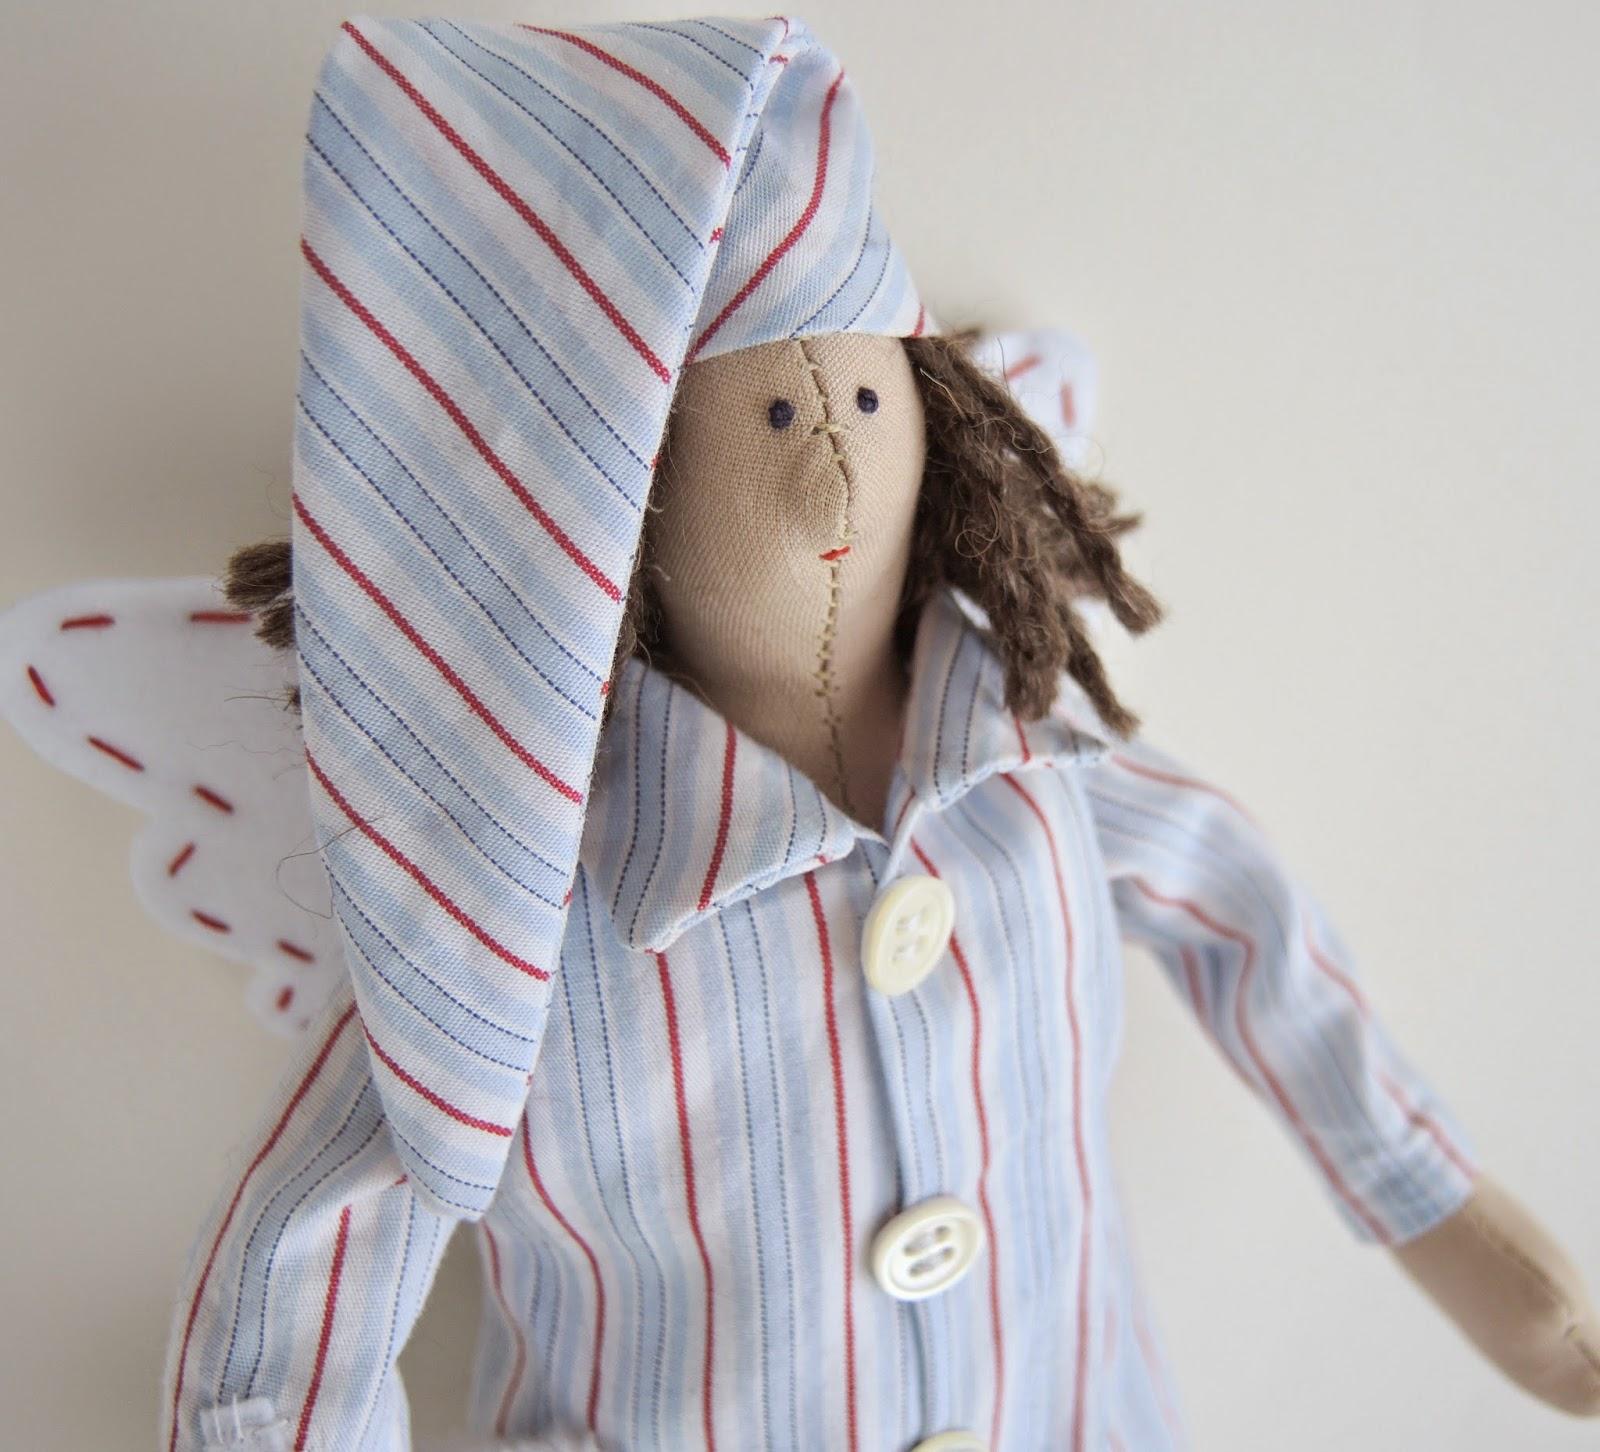 Tilde, toy, doll, fabric, тilde.jpg, toy.jpg, doll.jpg, fabric.jpg, handmade, ручная работа, тильда, тильда выкройка, кукла тильда, тильда мастер, тильда своими руками, кукла тильда выкройка, тильда кукла своими руками, тильда ангел, тильда фото, тильда ткани, как сшить тильду, игрушка своими руками, игрушка тильда, стиль тильда, кукла тильда фото, тильда для начинающих, одежда для тильды, кукла тильда для начинающих, тильда мания, шитье кукол, куклы шить, куклы ангелы, как сшить куклу, куклы из ткани, как сшить куклу своими руками, сплюша, ангел сна, хлопок